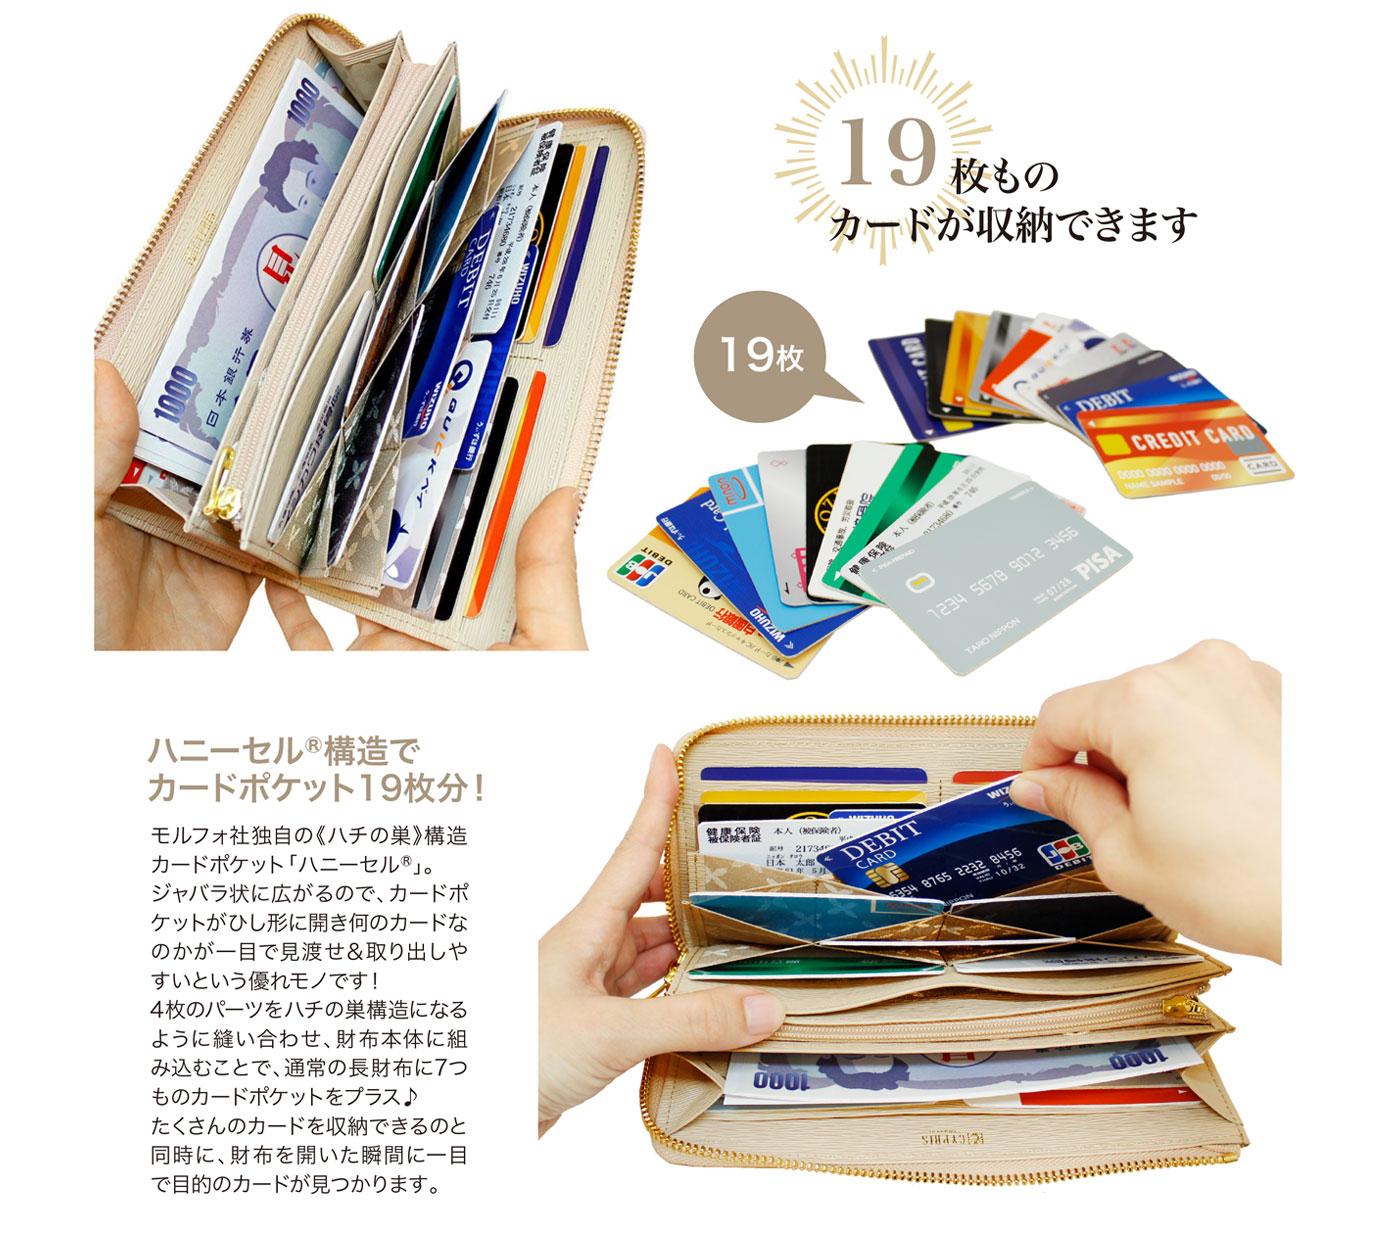 キプリス リサッカ【WEB限定商品】L字ファスナーハニーセル長財布リサッカ。19枚ものカードが収納可能